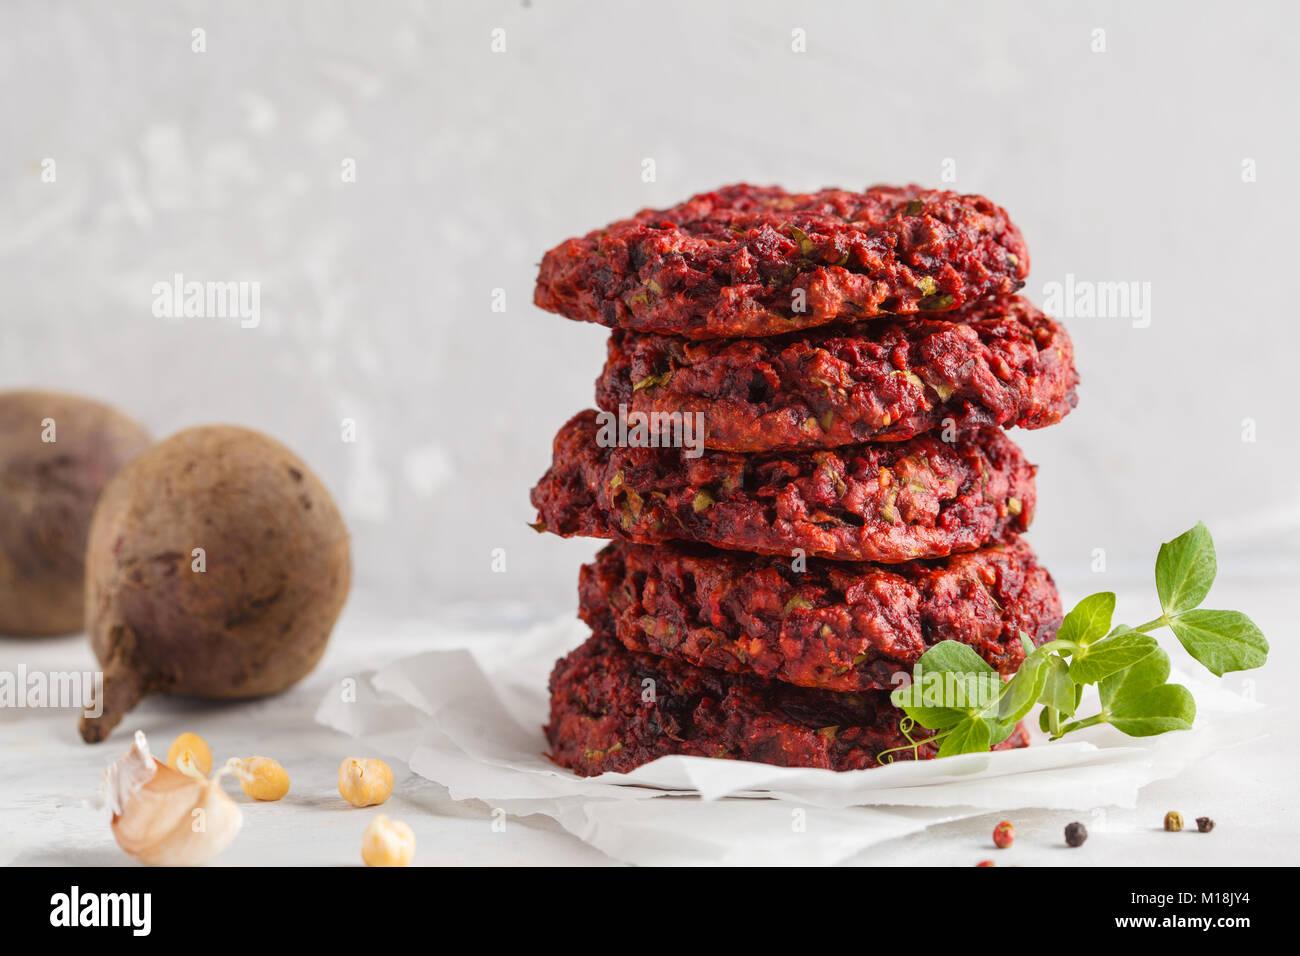 Vegan betterave galettes de pois chiches et de fines herbes. Concept alimentaire végétarien sain. Photo Stock